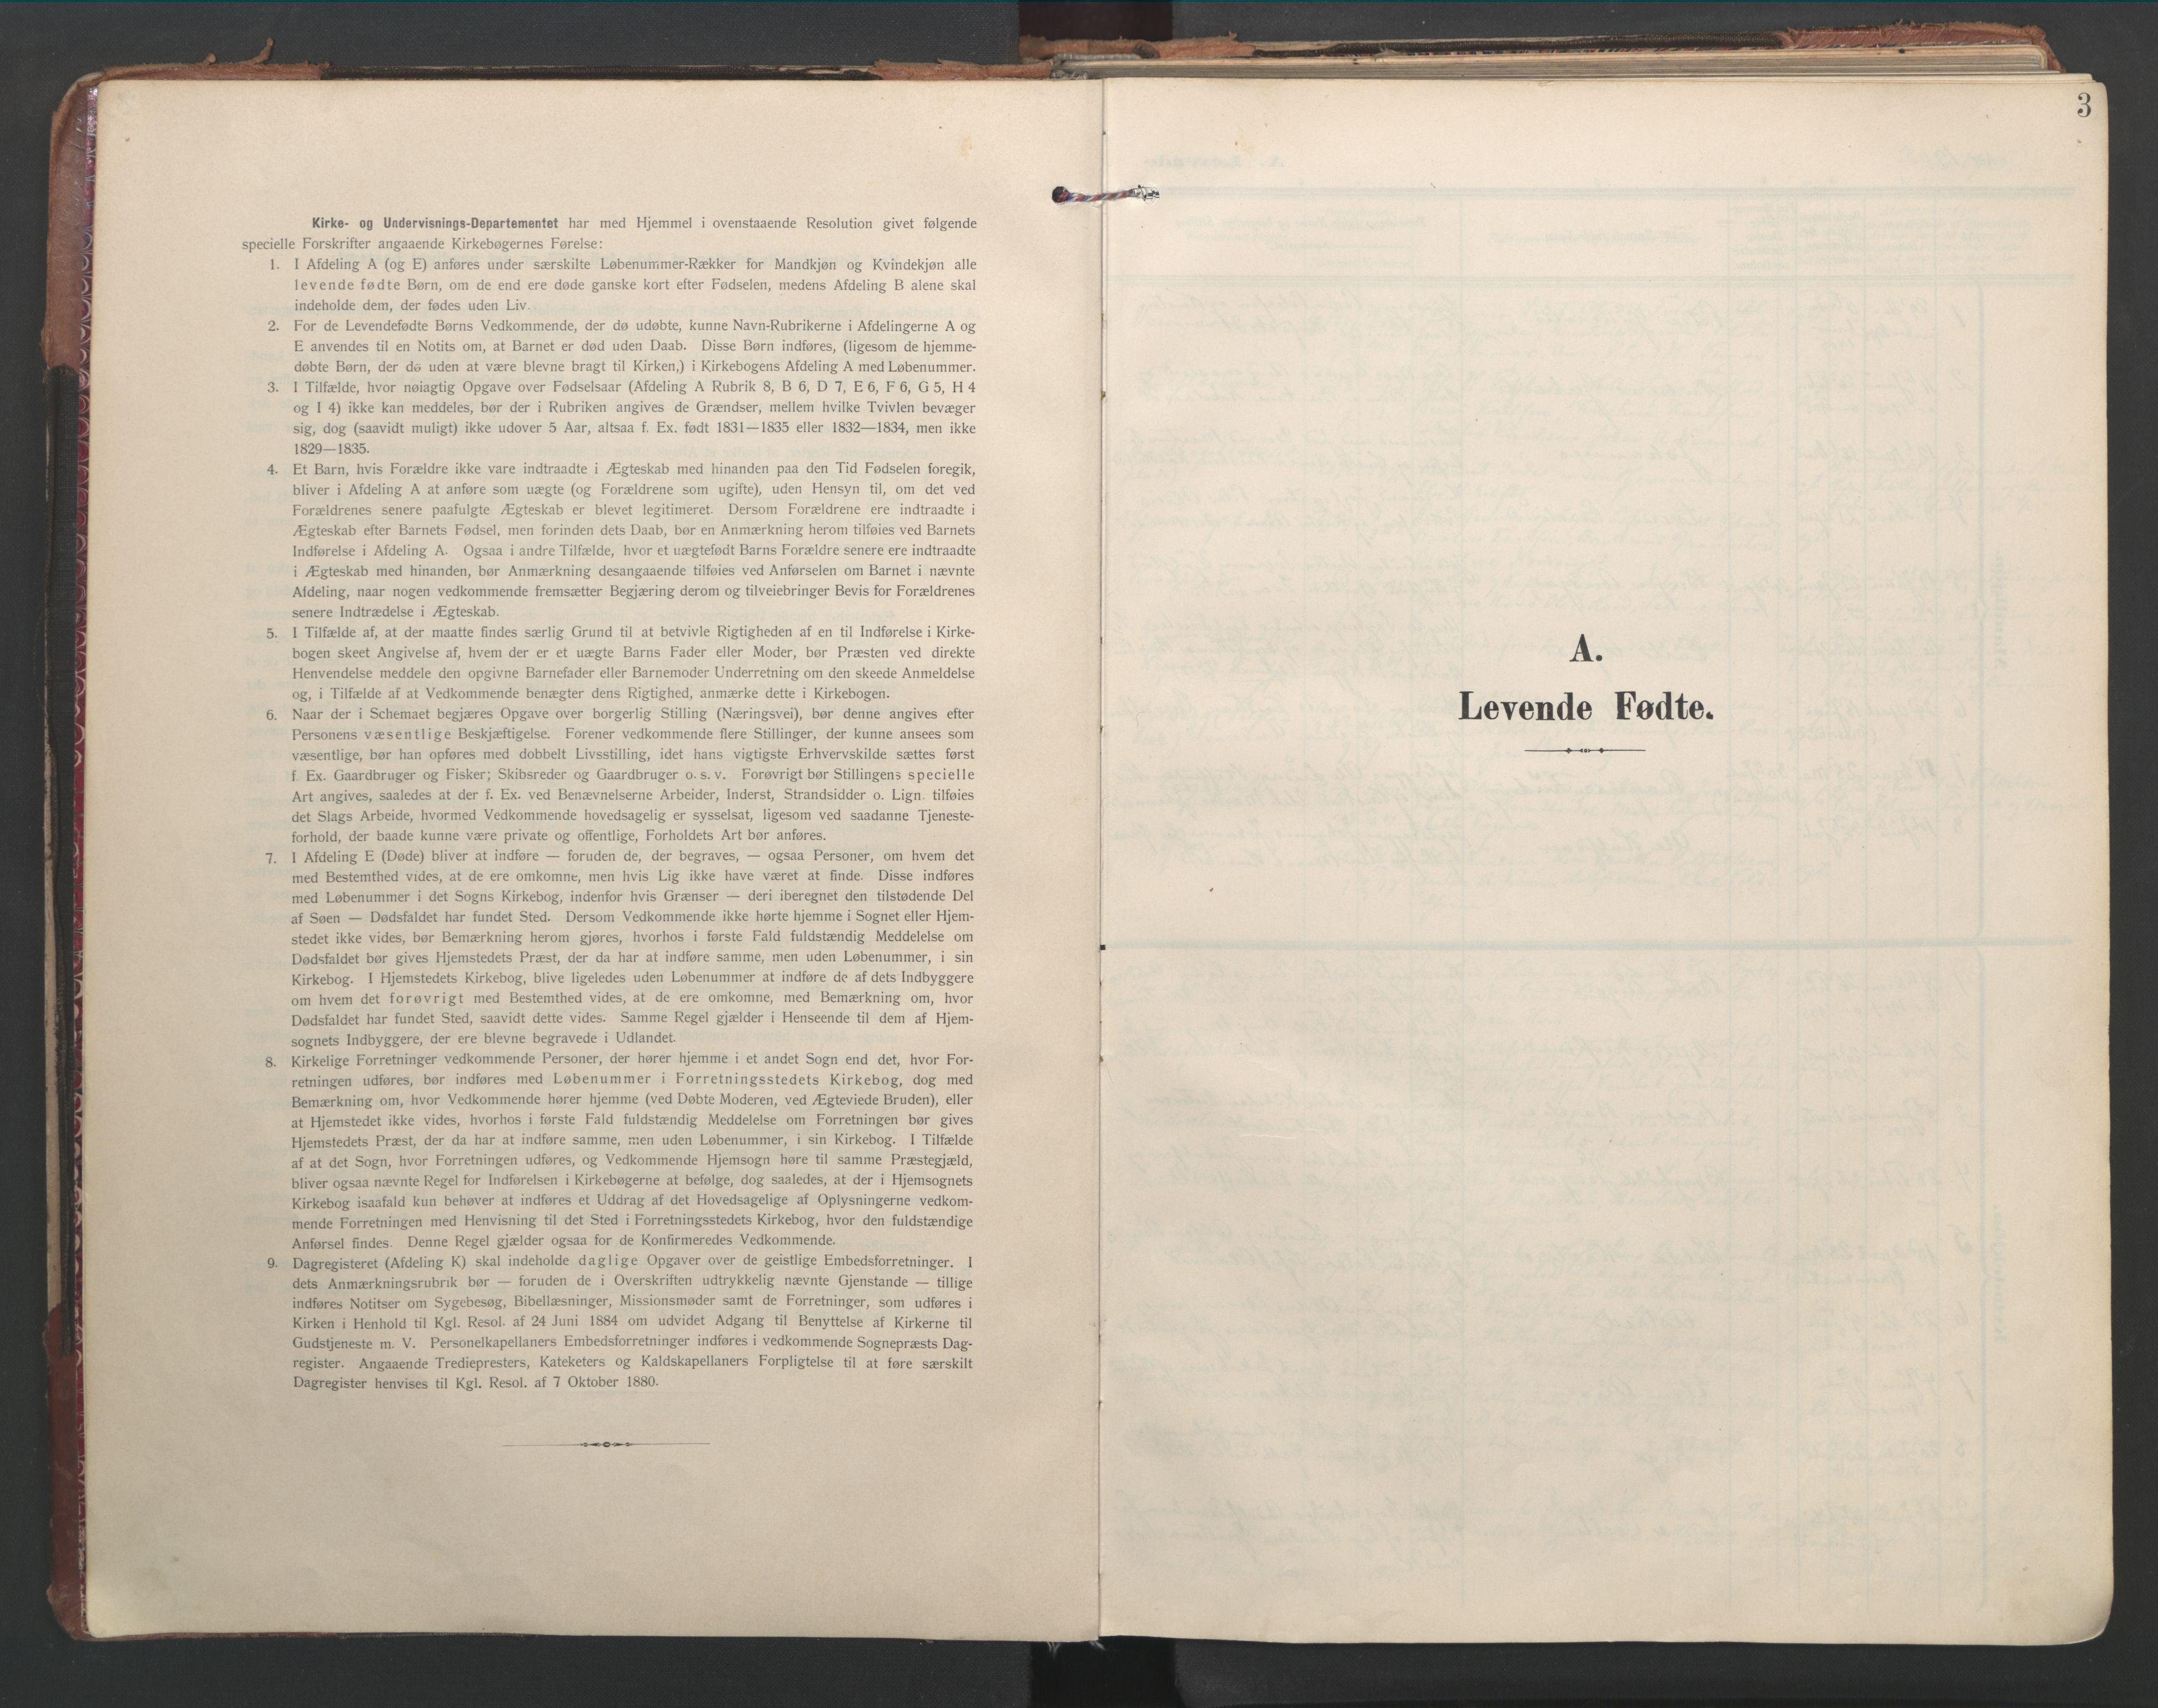 SAT, Ministerialprotokoller, klokkerbøker og fødselsregistre - Nord-Trøndelag, 744/L0421: Ministerialbok nr. 744A05, 1905-1930, s. 3